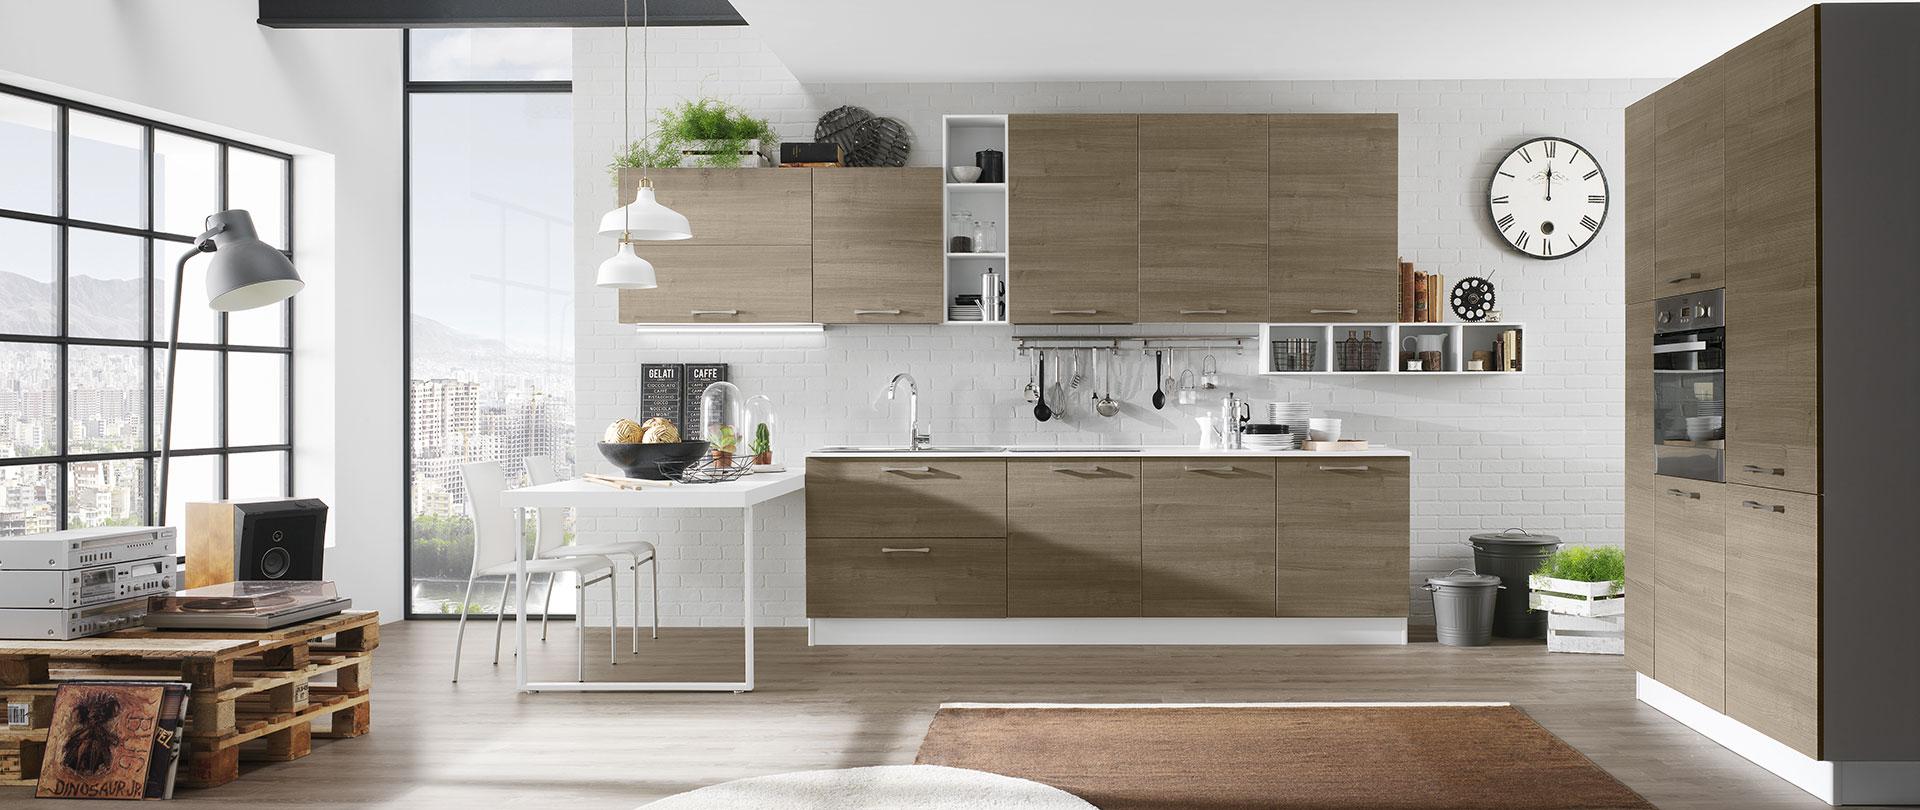 cucina_verna2